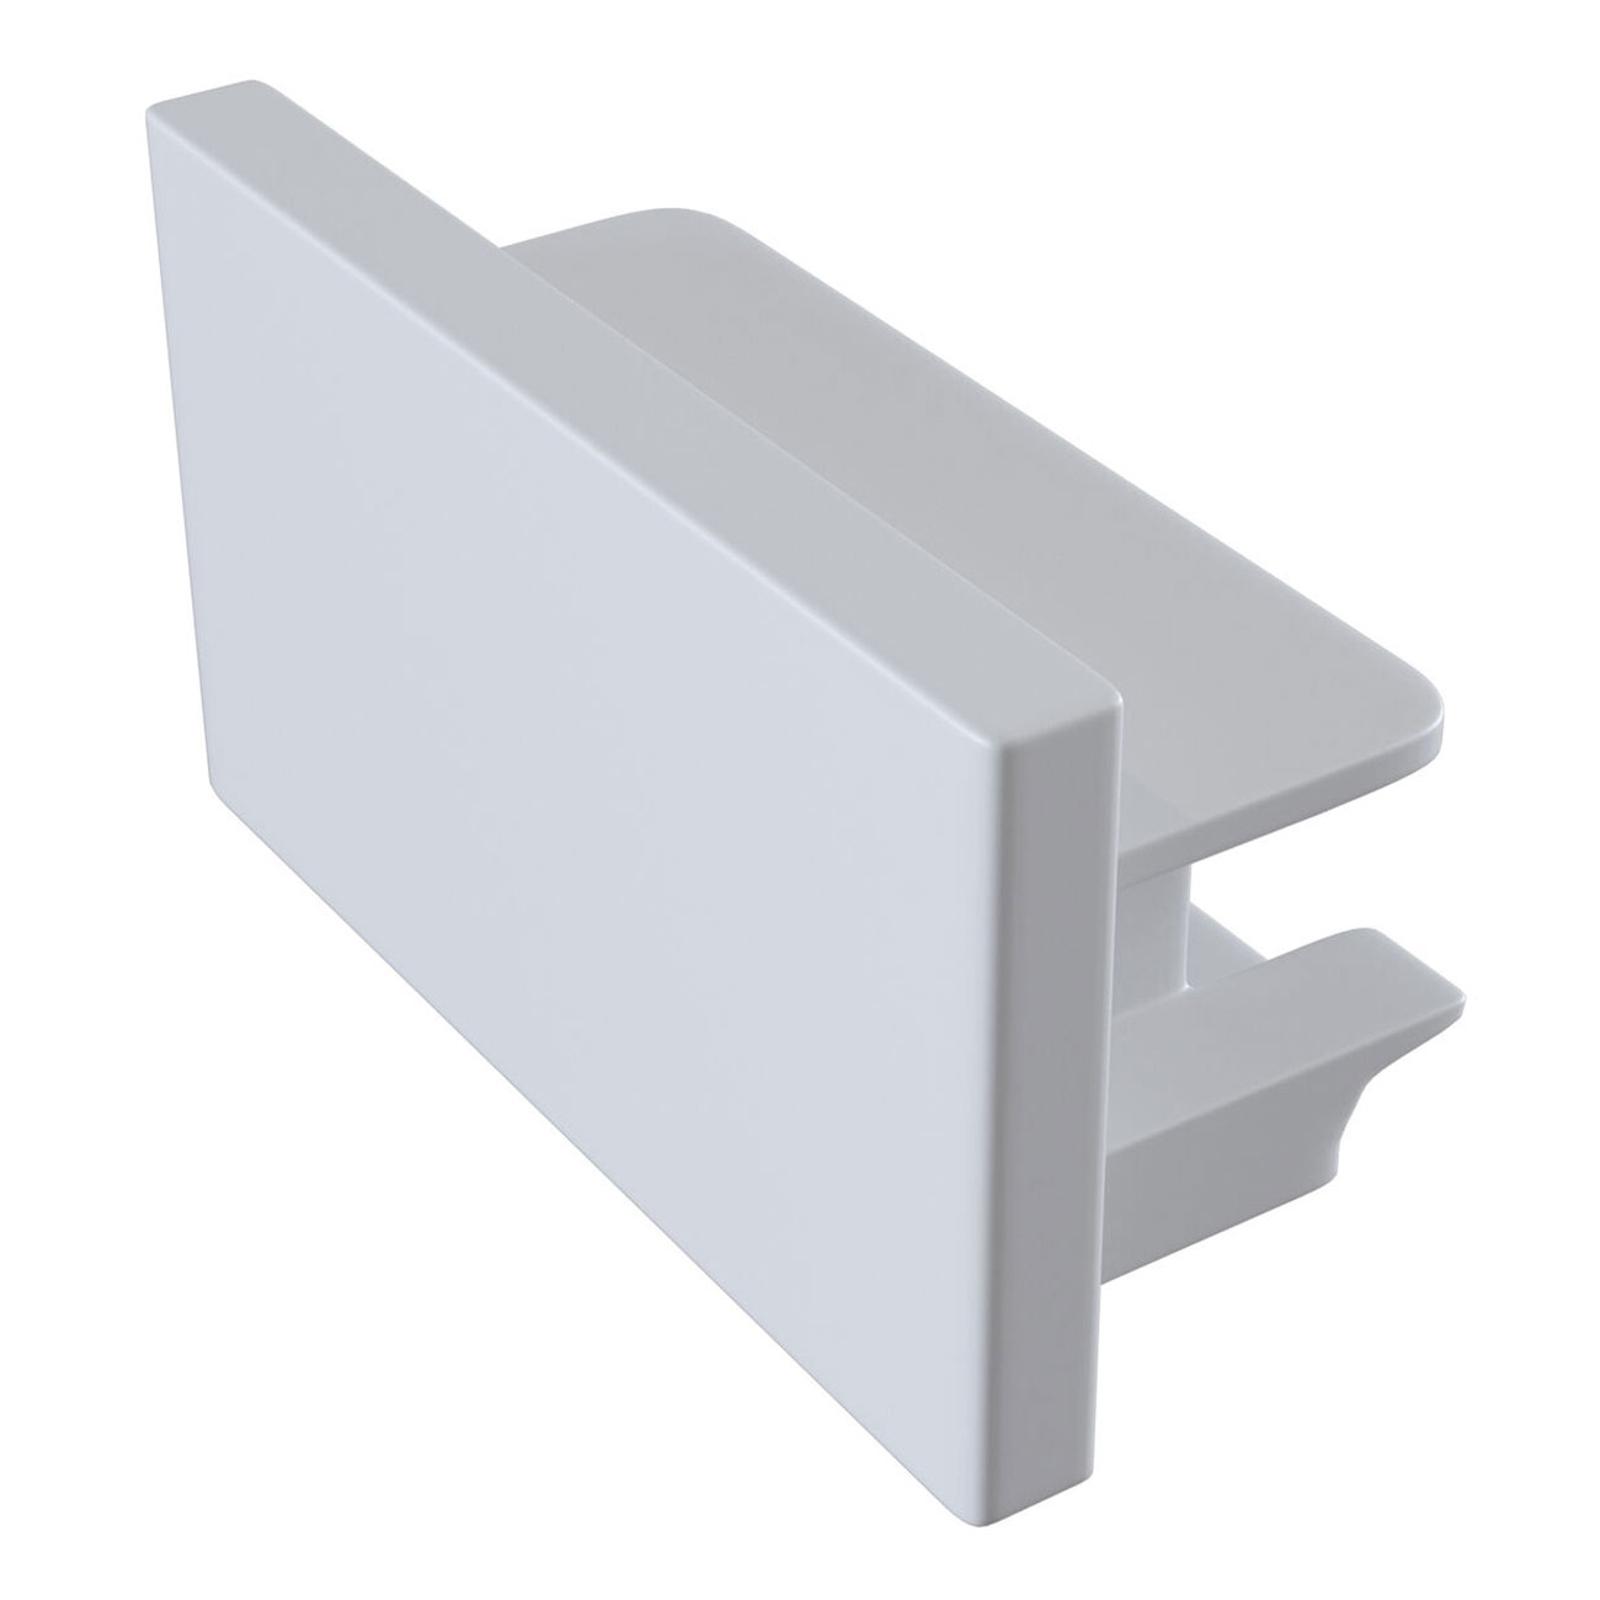 Endkappe Track, 1-Phasen-Schiene, weiß